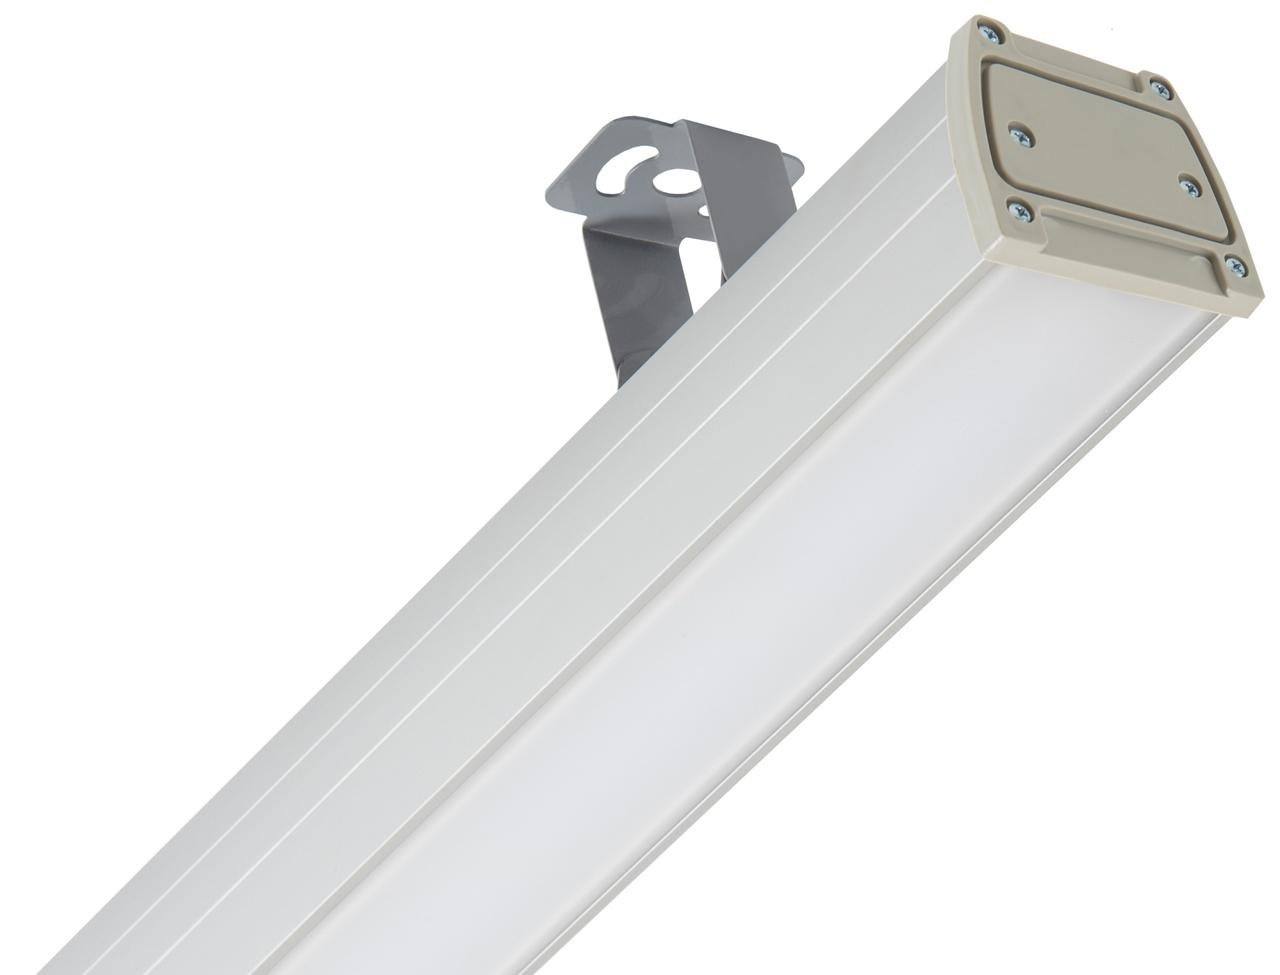 Светильник LED Lira Opal 76Вт IP54 5000К 7800лм 1250х87х80мм доп. вид